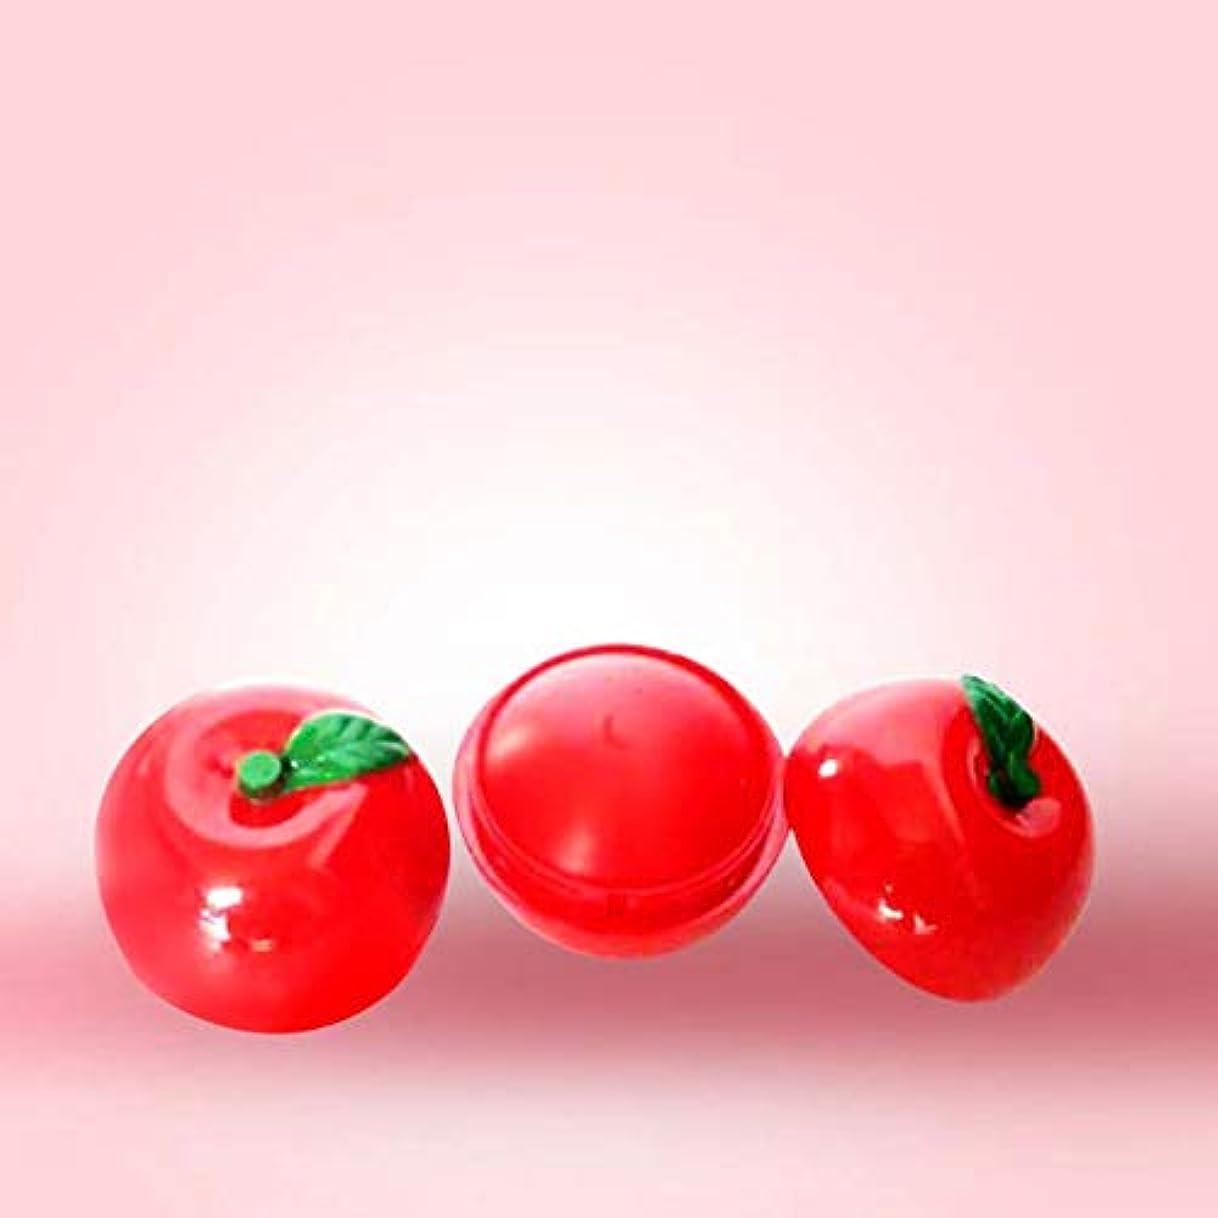 はねかける呪われた仮説KISSION 保湿と持続するリップクリーム ベビーリップスキンケア かわいいリンゴの球形の口紅 栄養と保湿 修理水リップスティック